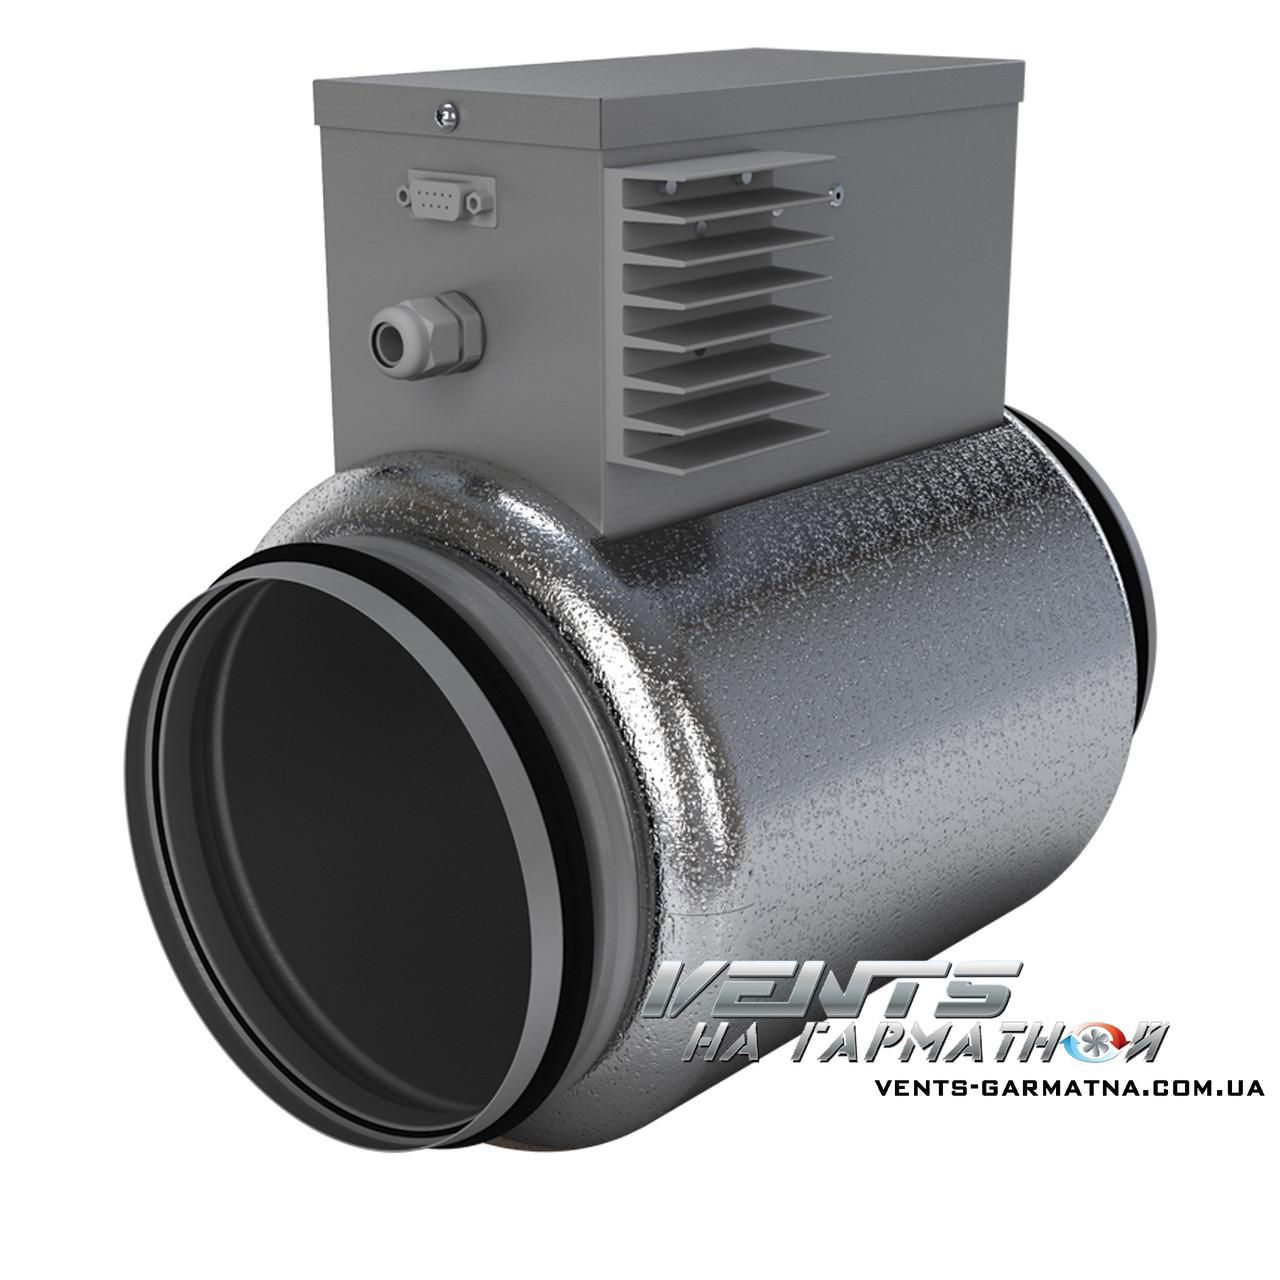 Вентс НКП 250-2,0-1. Нагреватель для защиты рекуператора от обмерзания